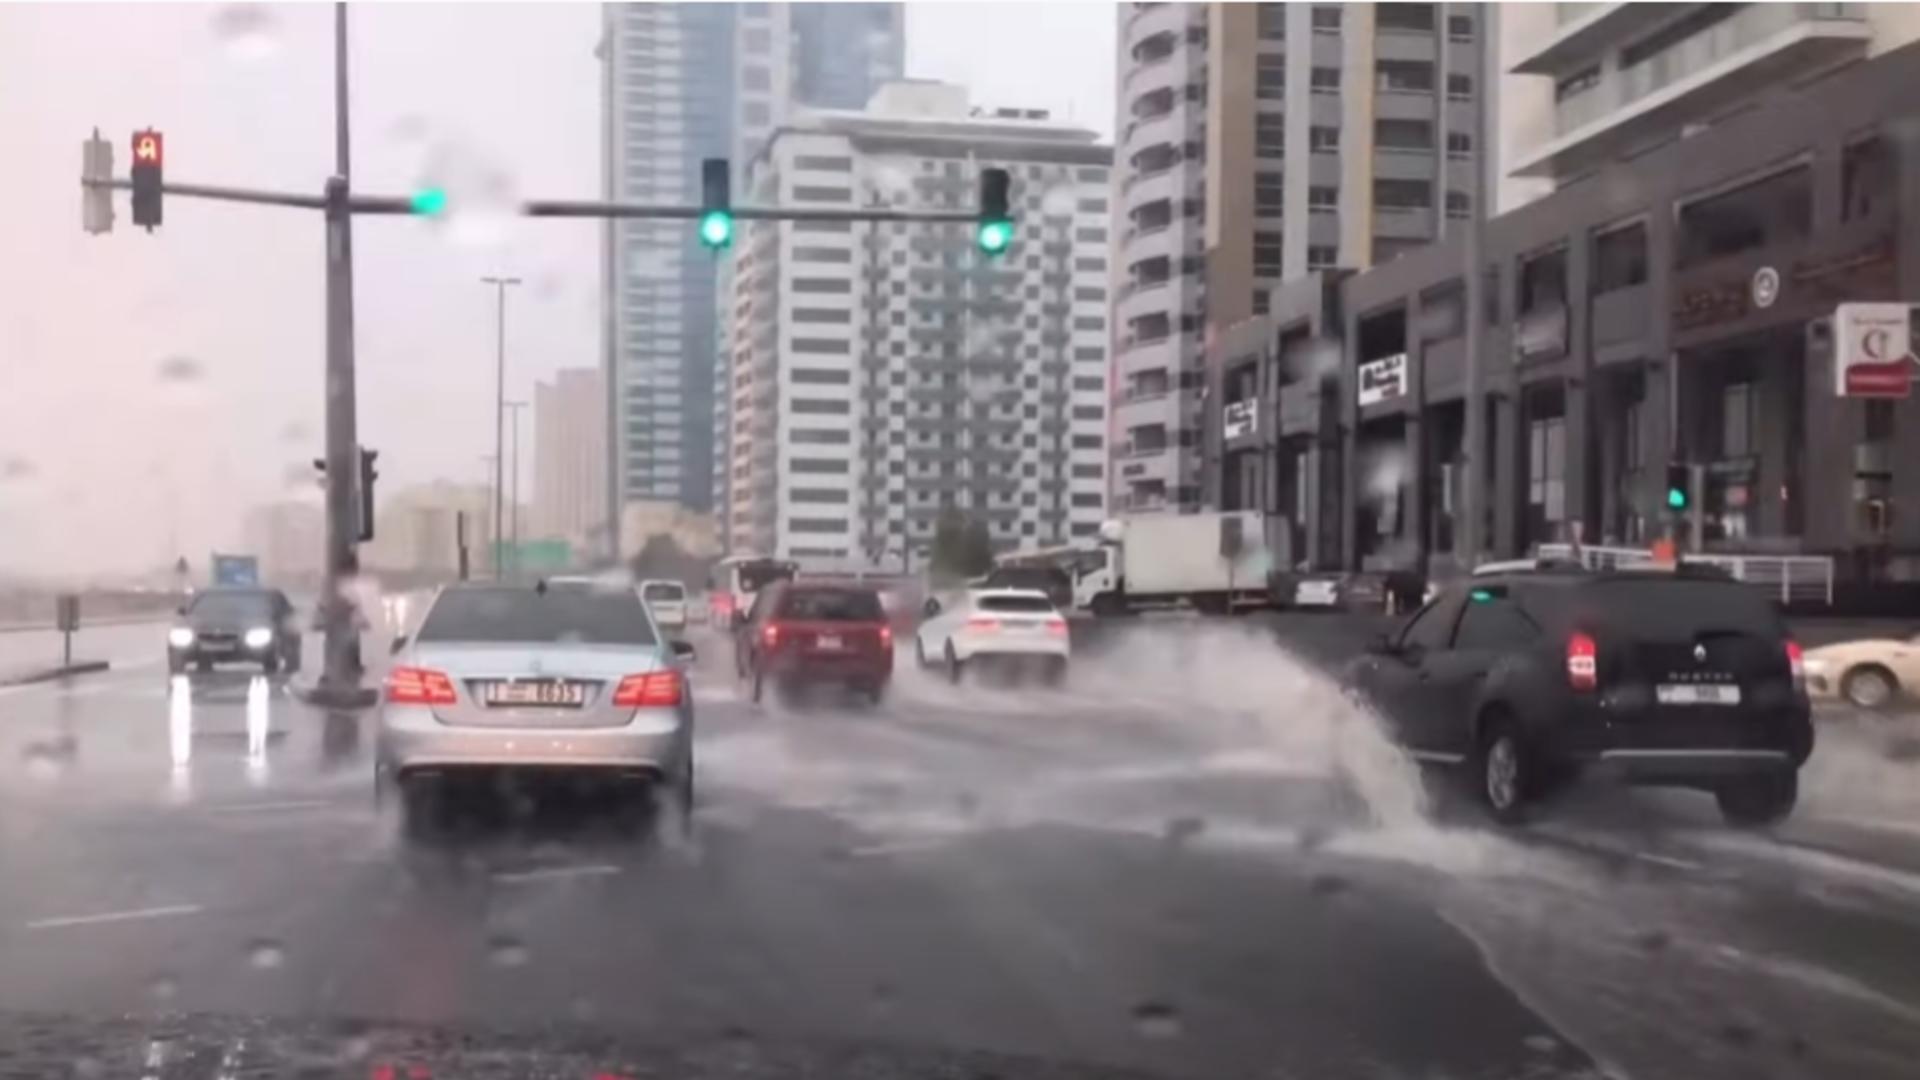 Ploi la comandă, Emiratele Arabe  - Captură foto